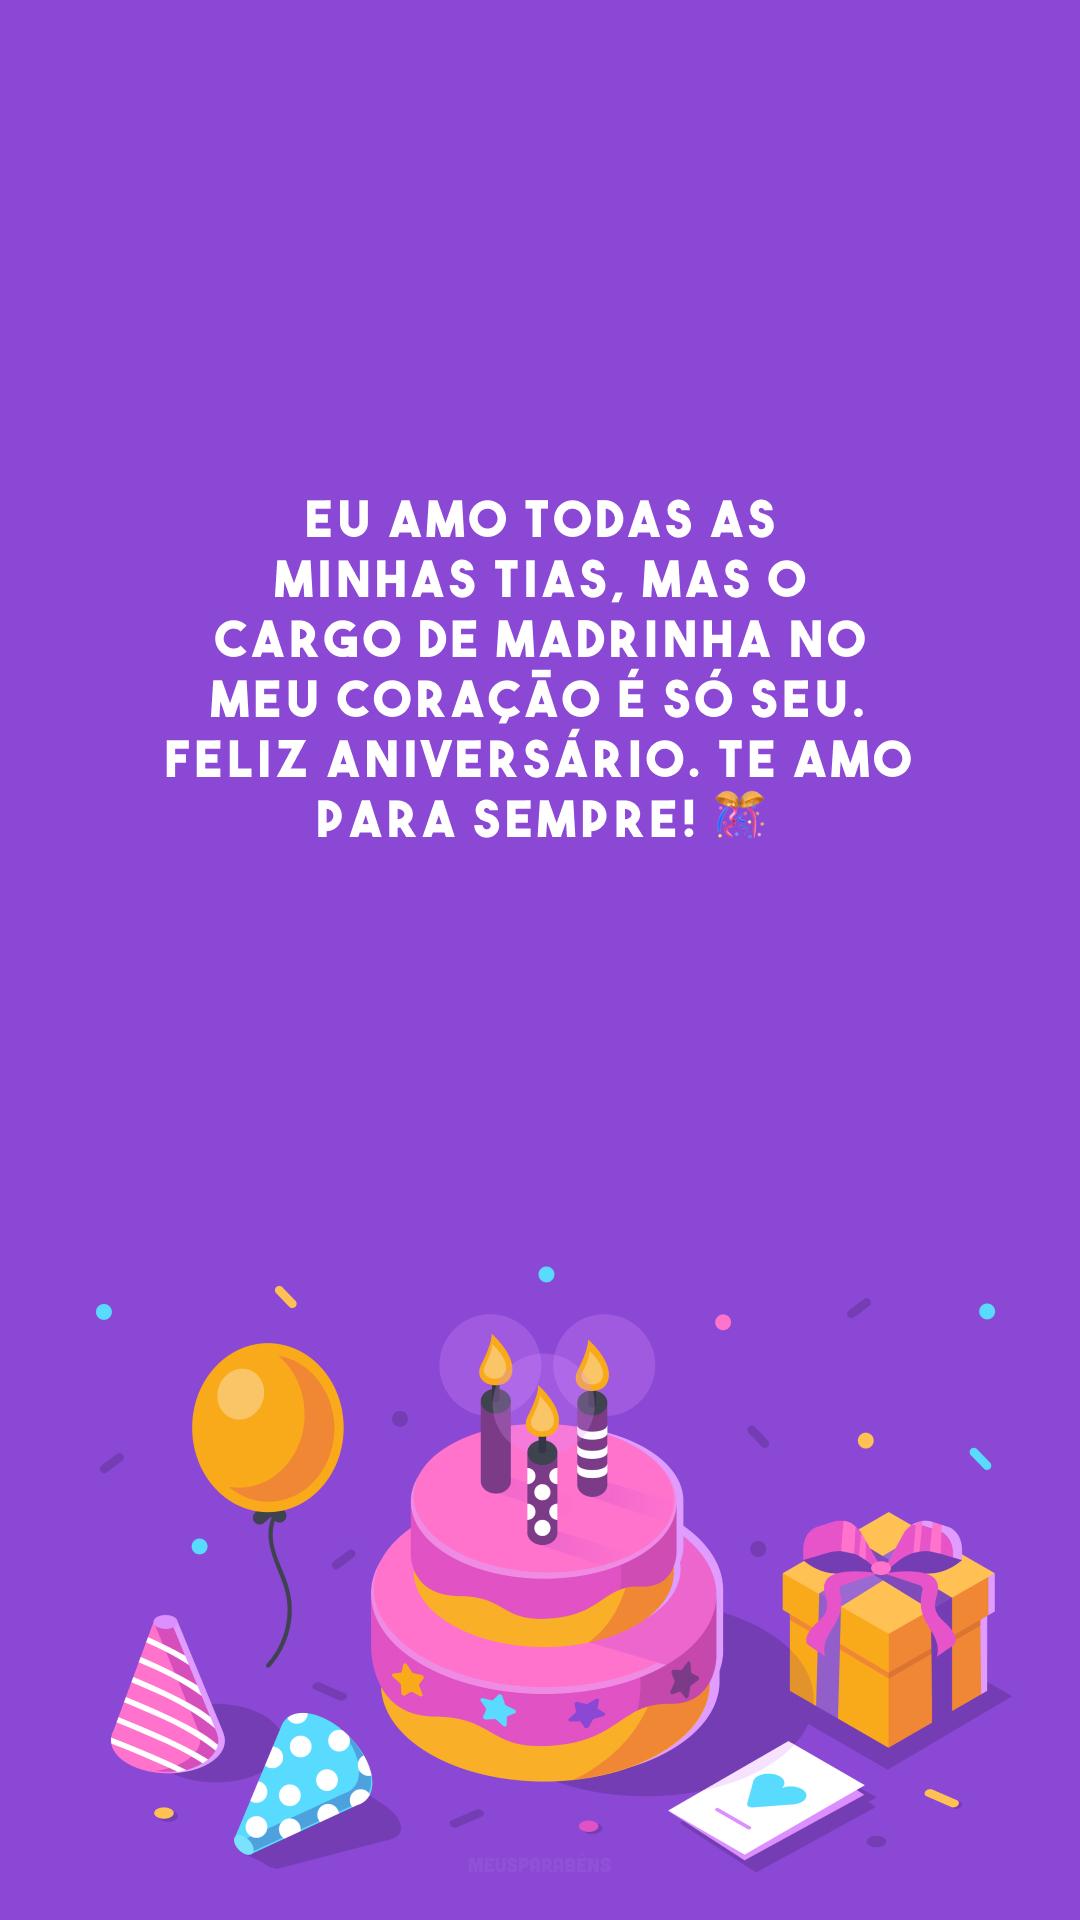 Eu amo todas as minhas tias, mas o cargo de madrinha no meu coração é só seu. Feliz aniversário. Te amo para sempre! 🎊